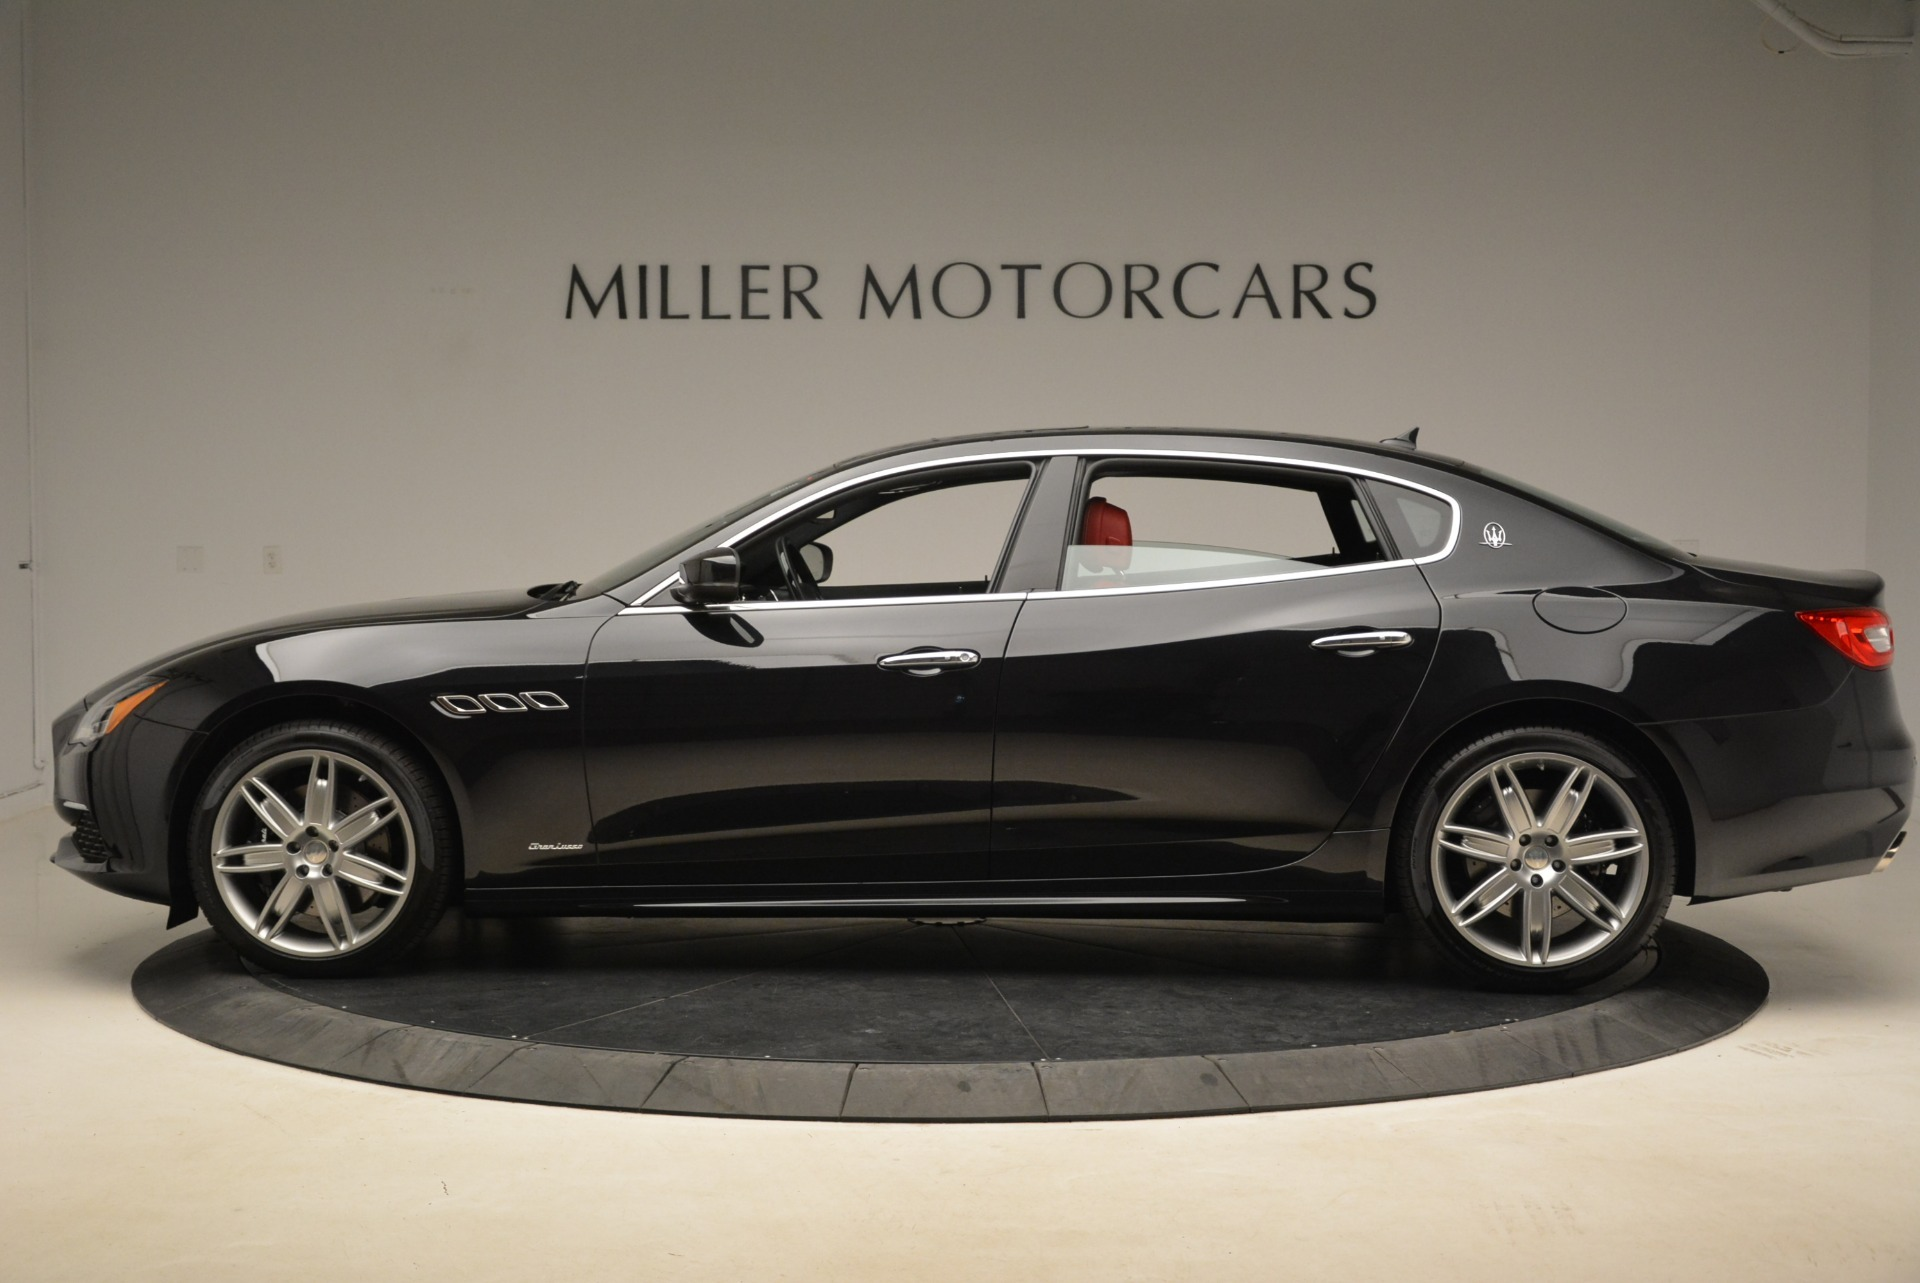 New 2018 Maserati Quattroporte S Q4 GranLusso For Sale In Westport, CT 2293_p3